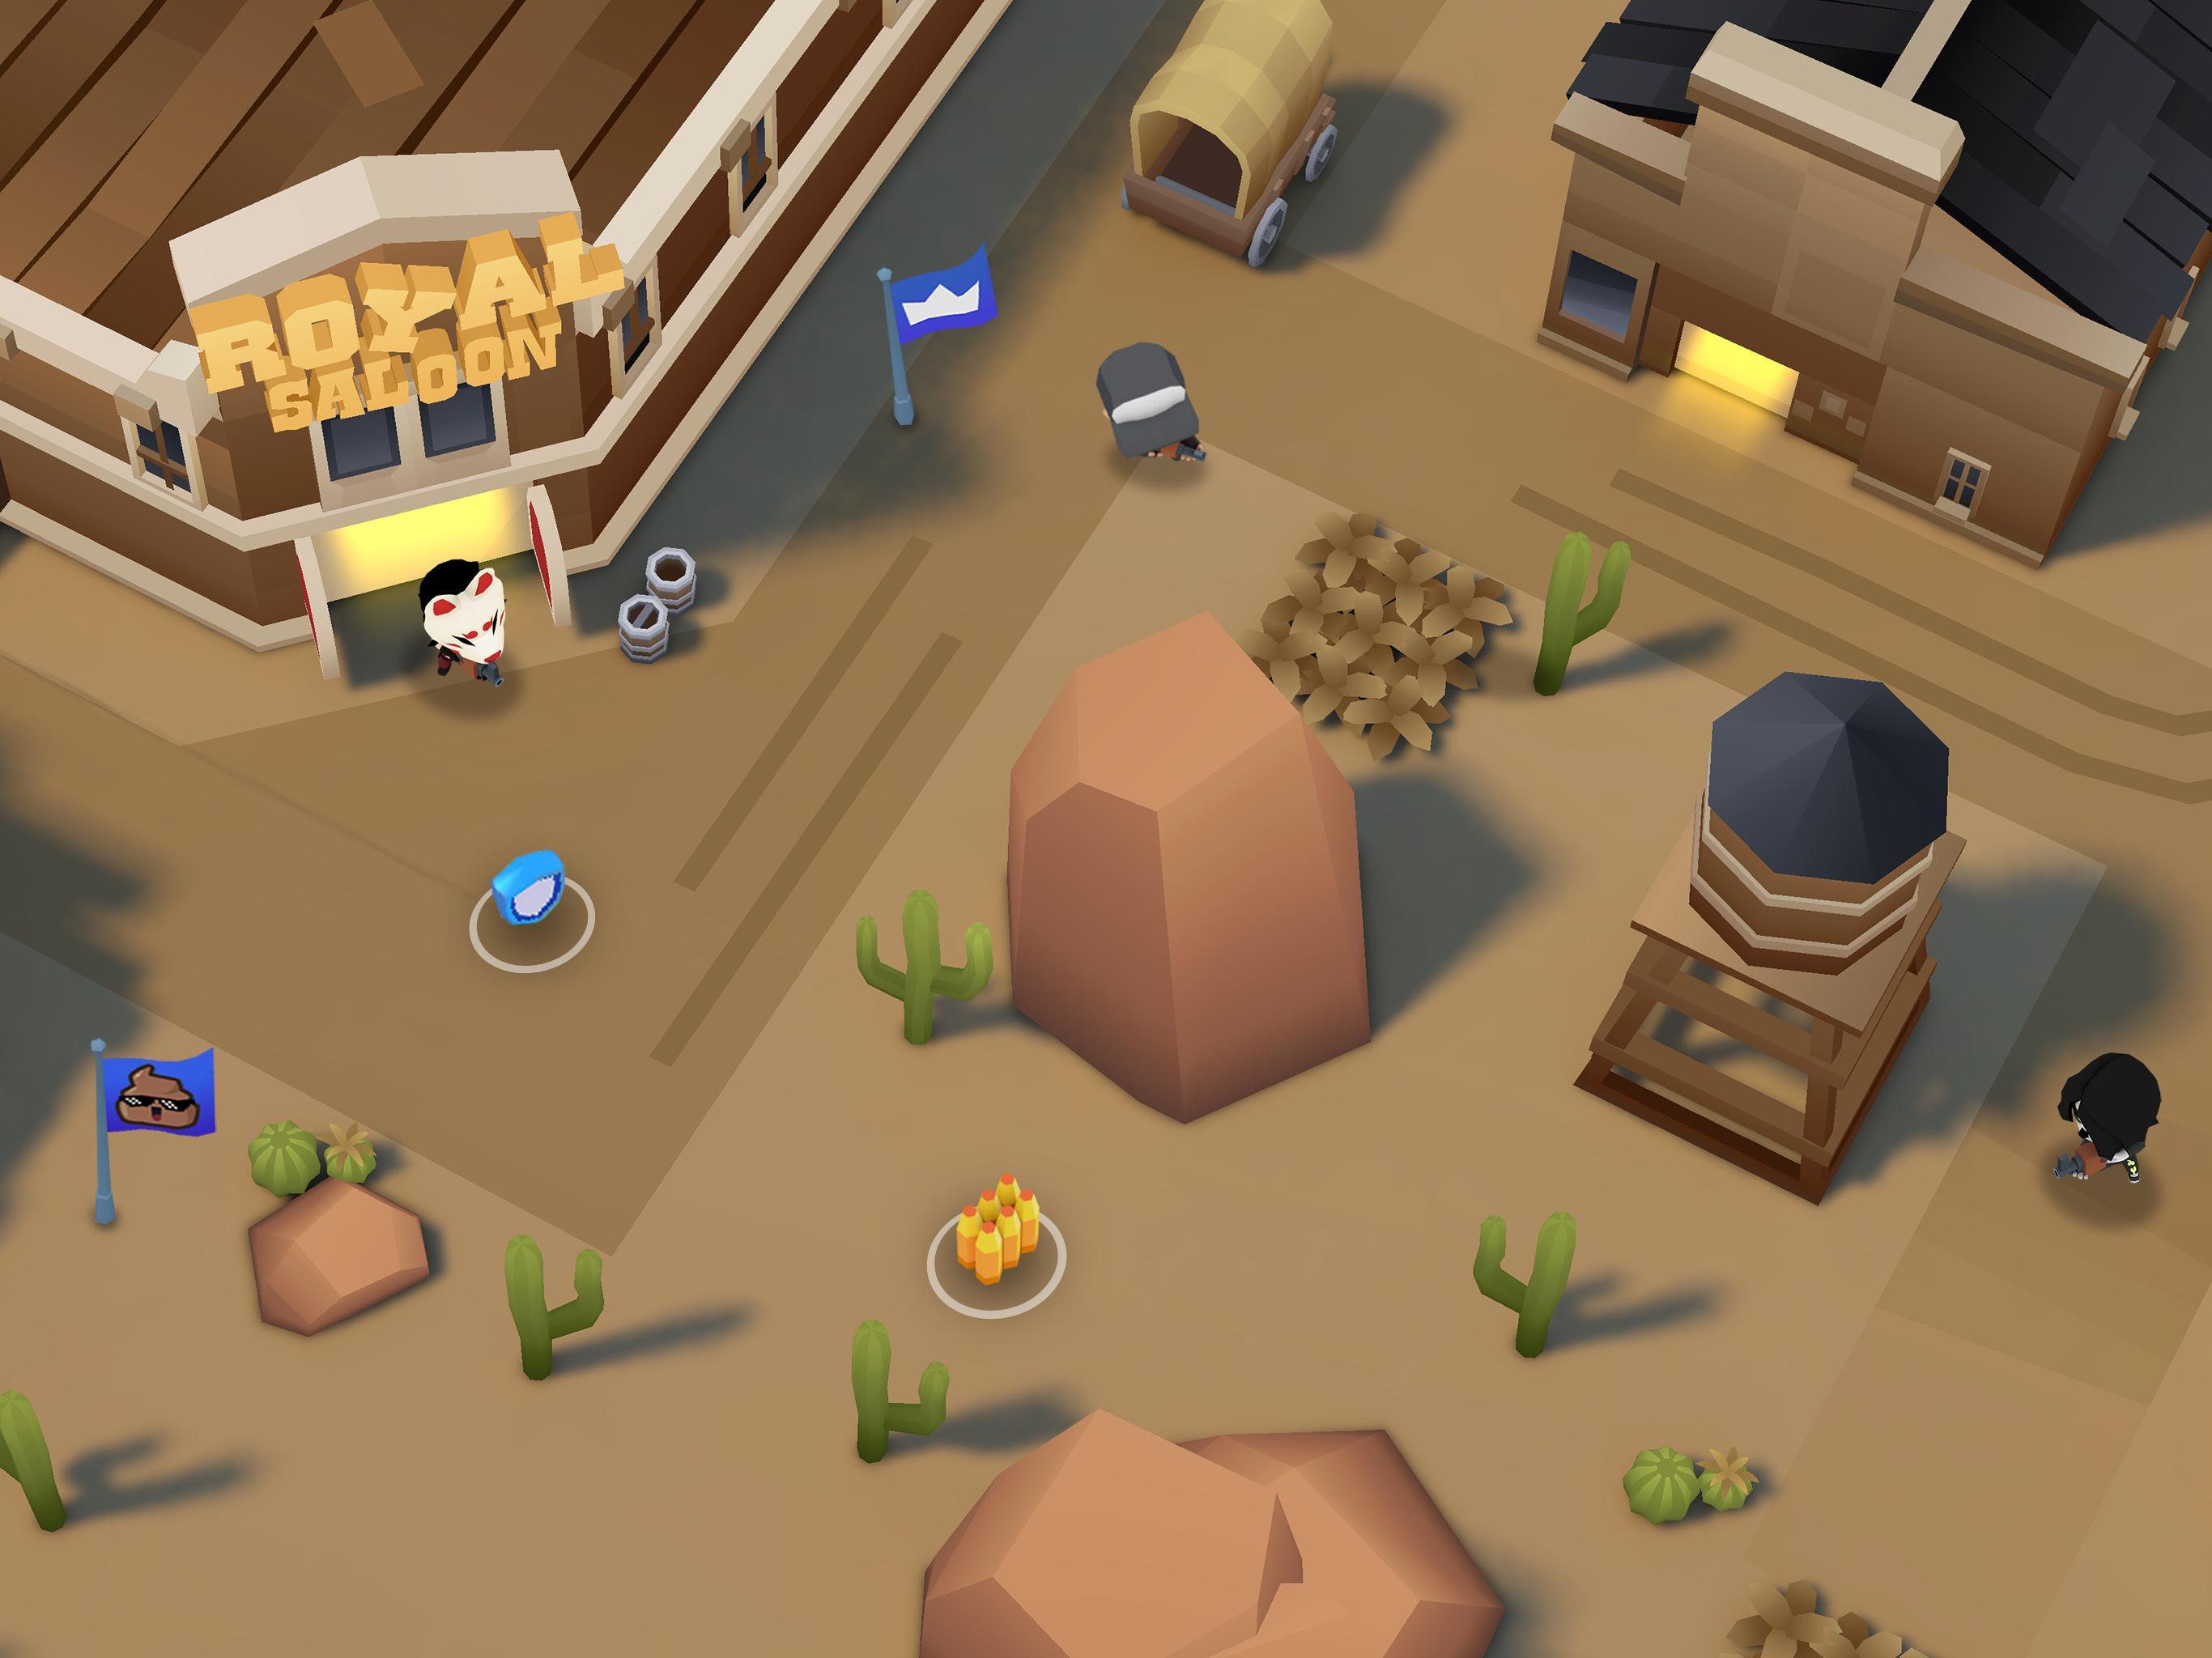 Battlelands for Android - APK Download